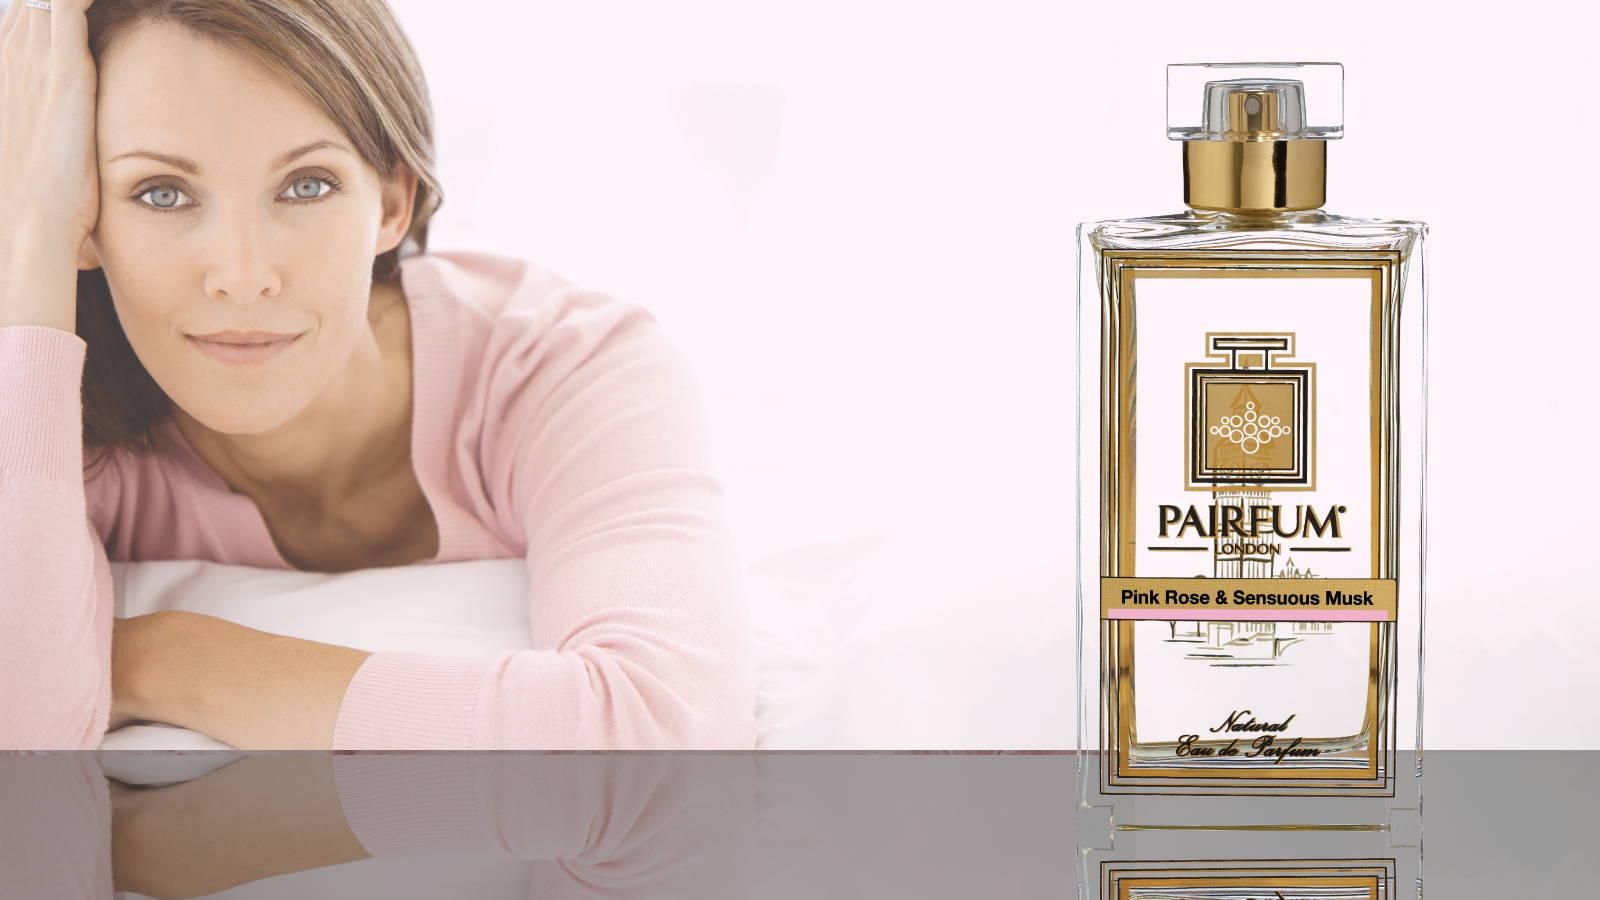 Eau De Parfum Person Reflection Pink Rose Sensuous Musk Woman 16 9